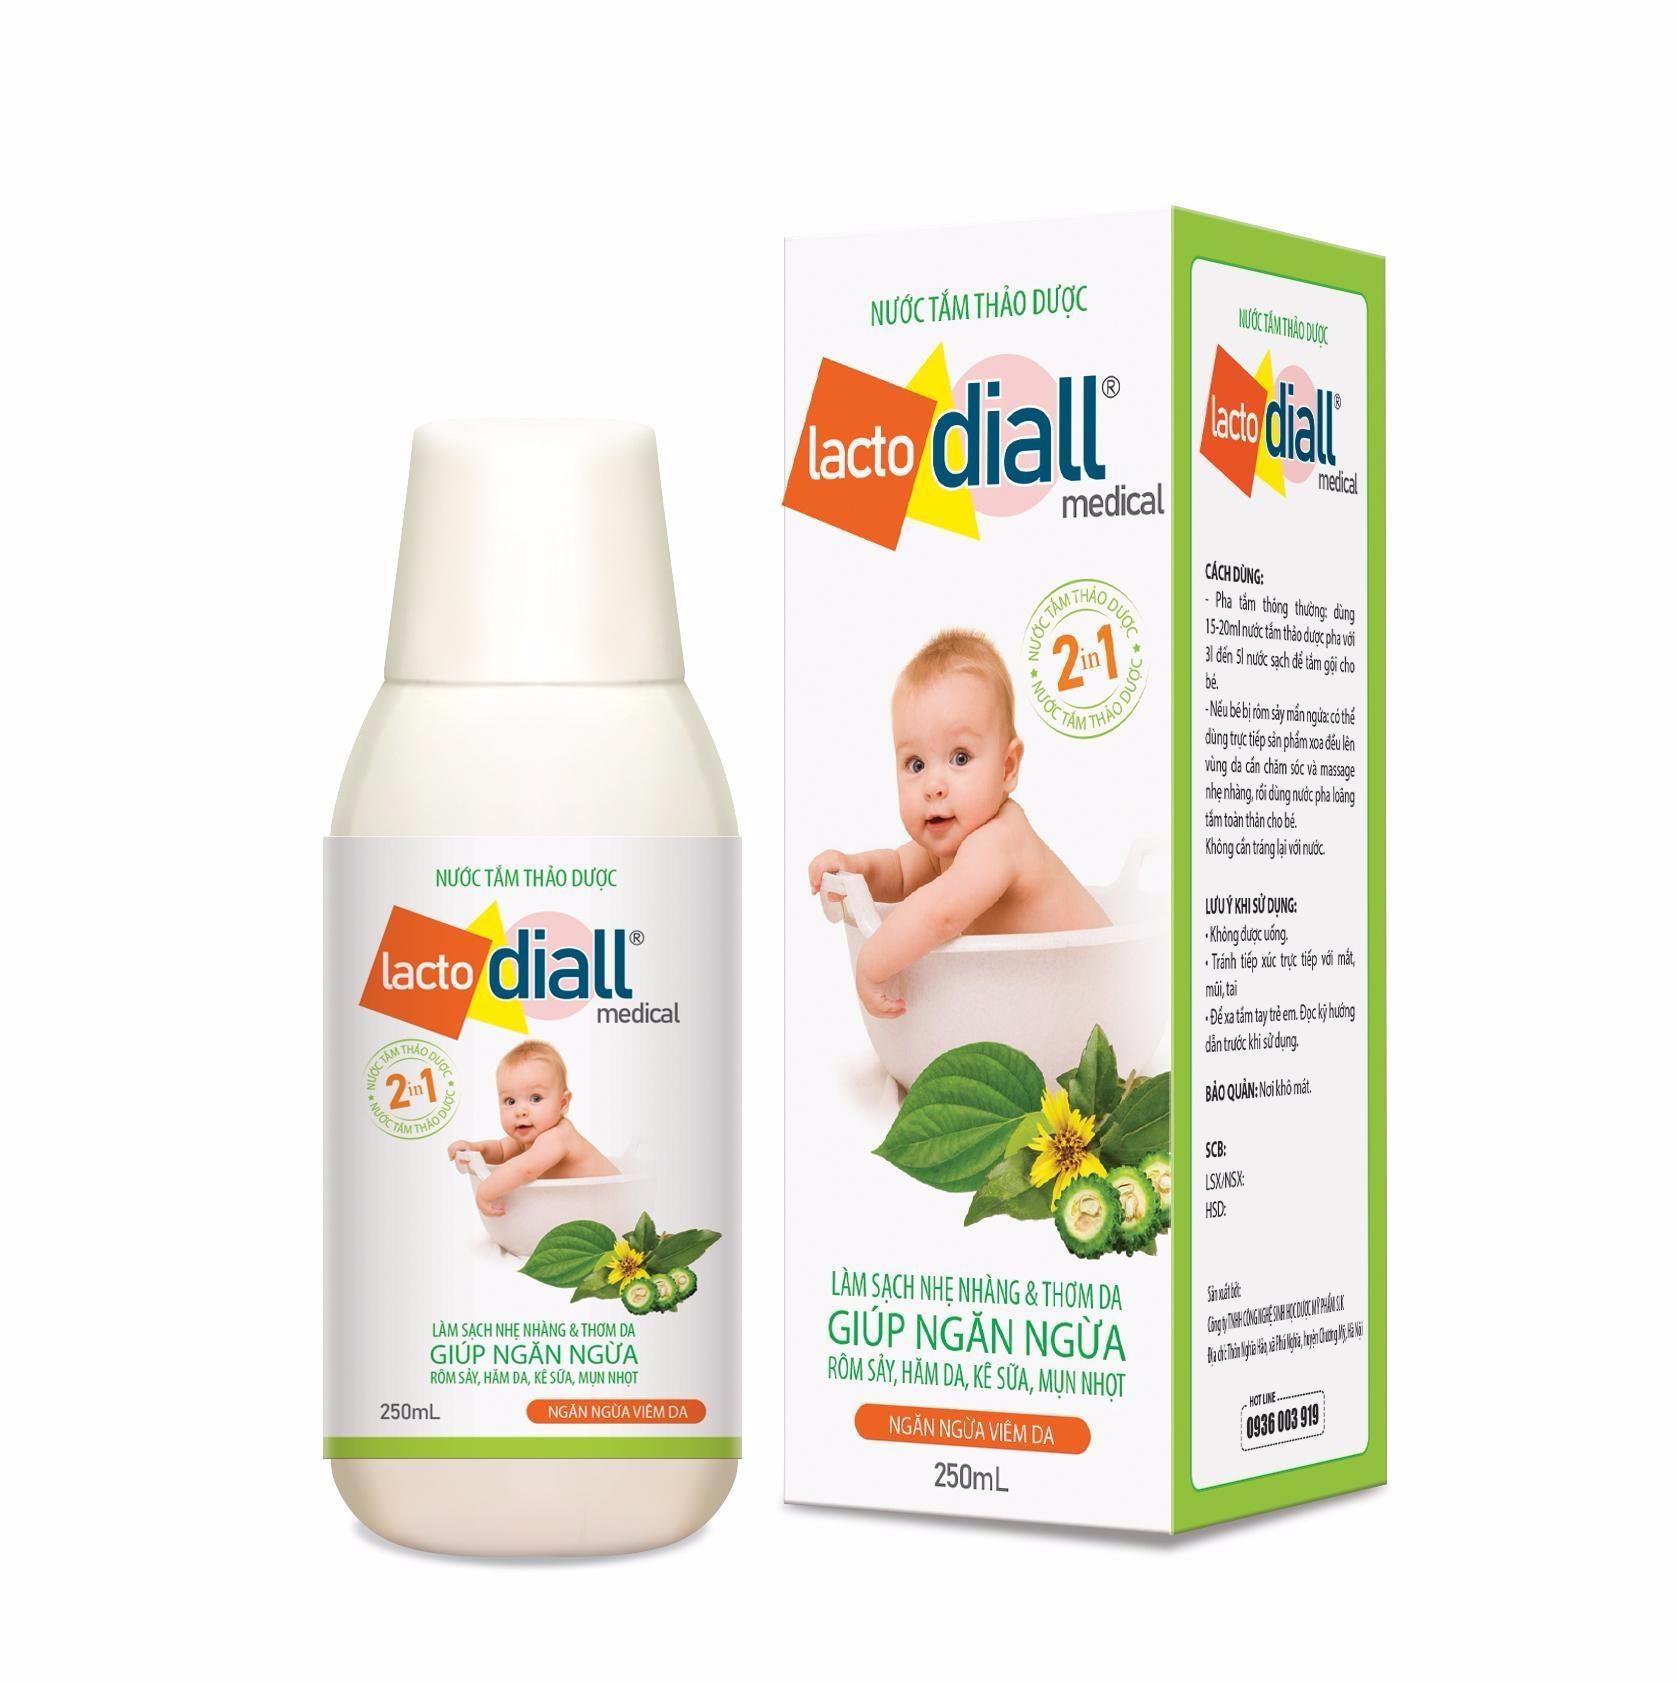 Lactodiall- nước tắm thảo dược trị rôm sảy, cứt trâu